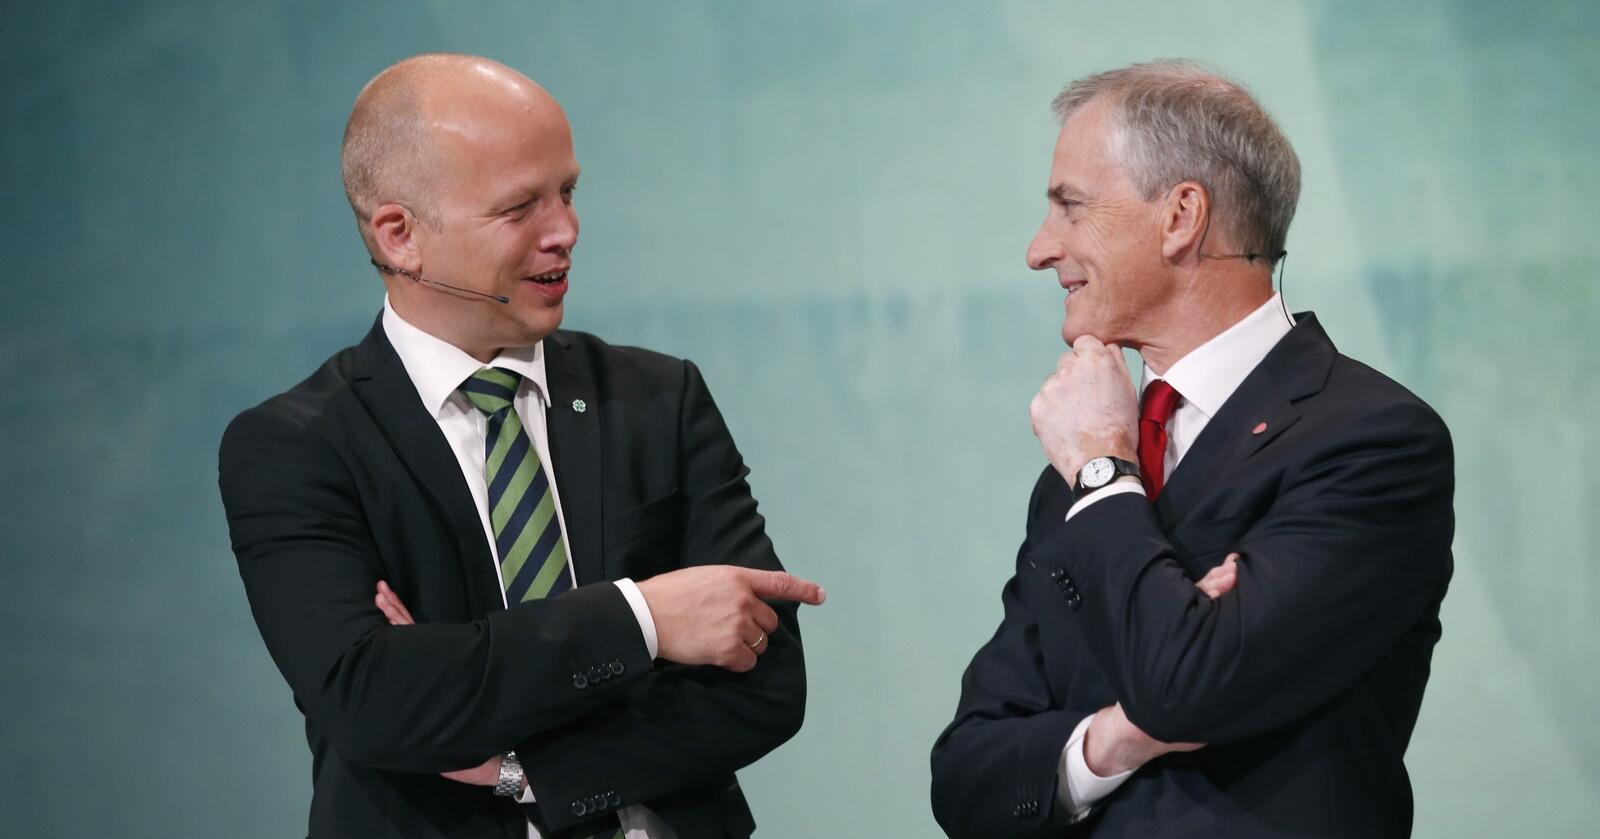 Henter borgerlige velgere: Både Trygve Slagsvold Vedum (Sp) og Jonas Gahr Støre (Ap) henter velgere fra de borgerlige partiene. Foto: Terje Bendiksby / NTB